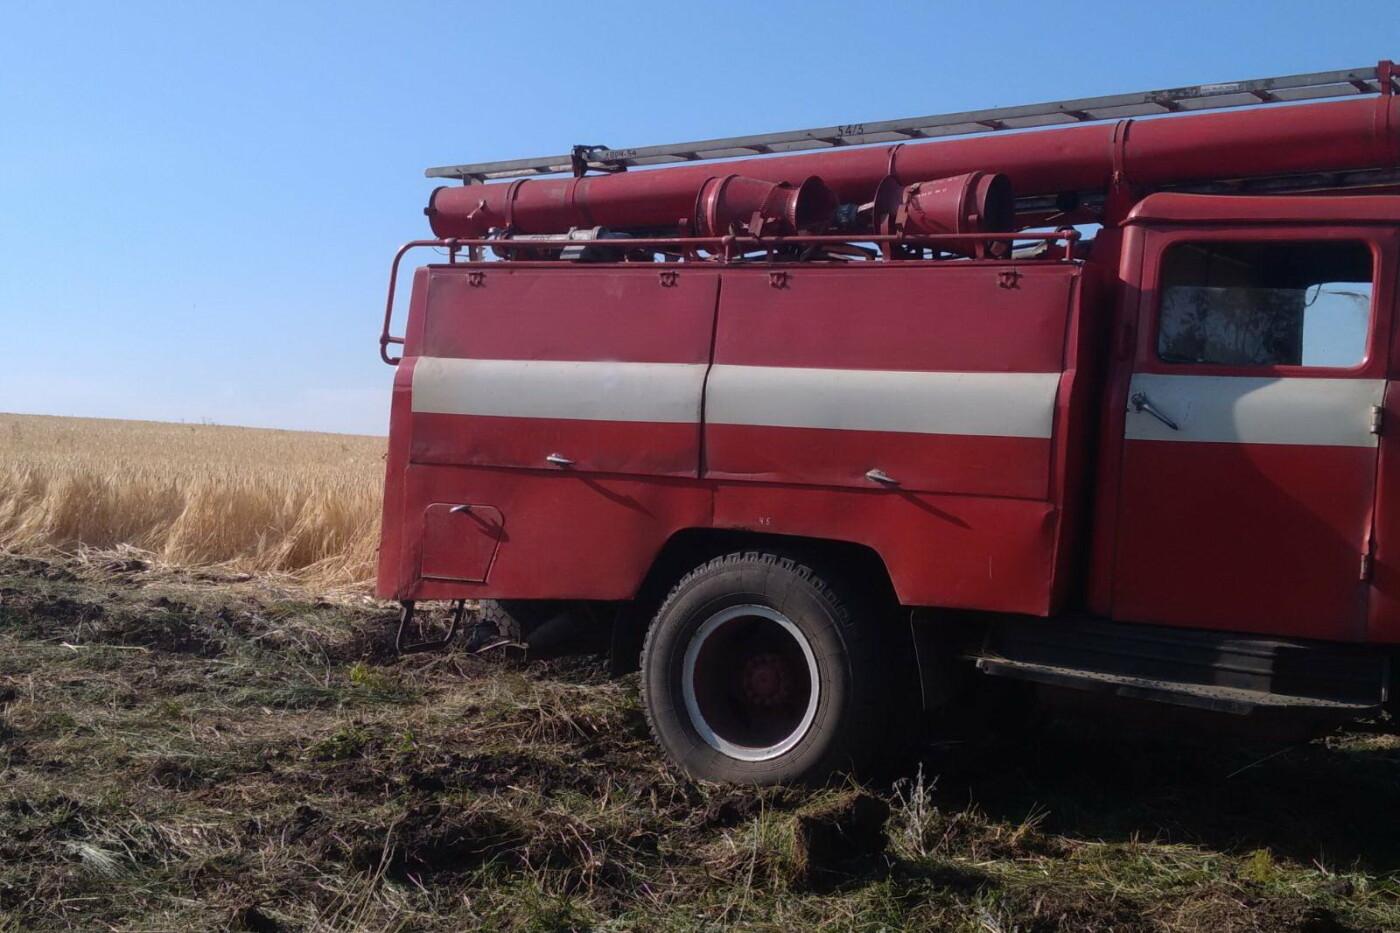 На Харьковщине бойцы ГСЧС спасли ячменное поле и хвойный лес от масштабного пожара, - ФОТО, фото-1